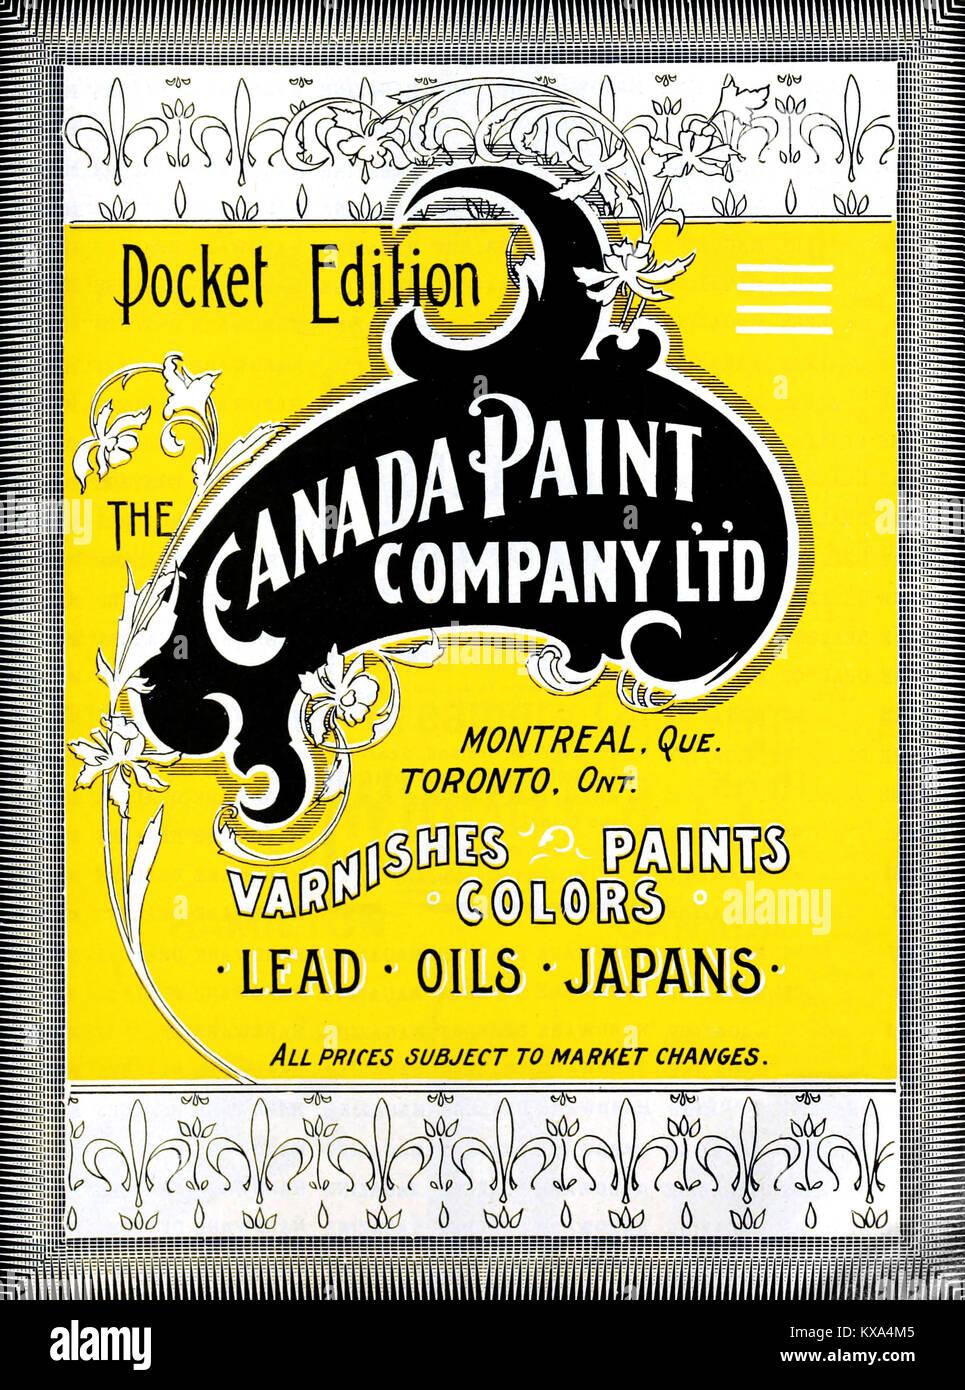 Vernice Canada Company Ltd Immagini Stock